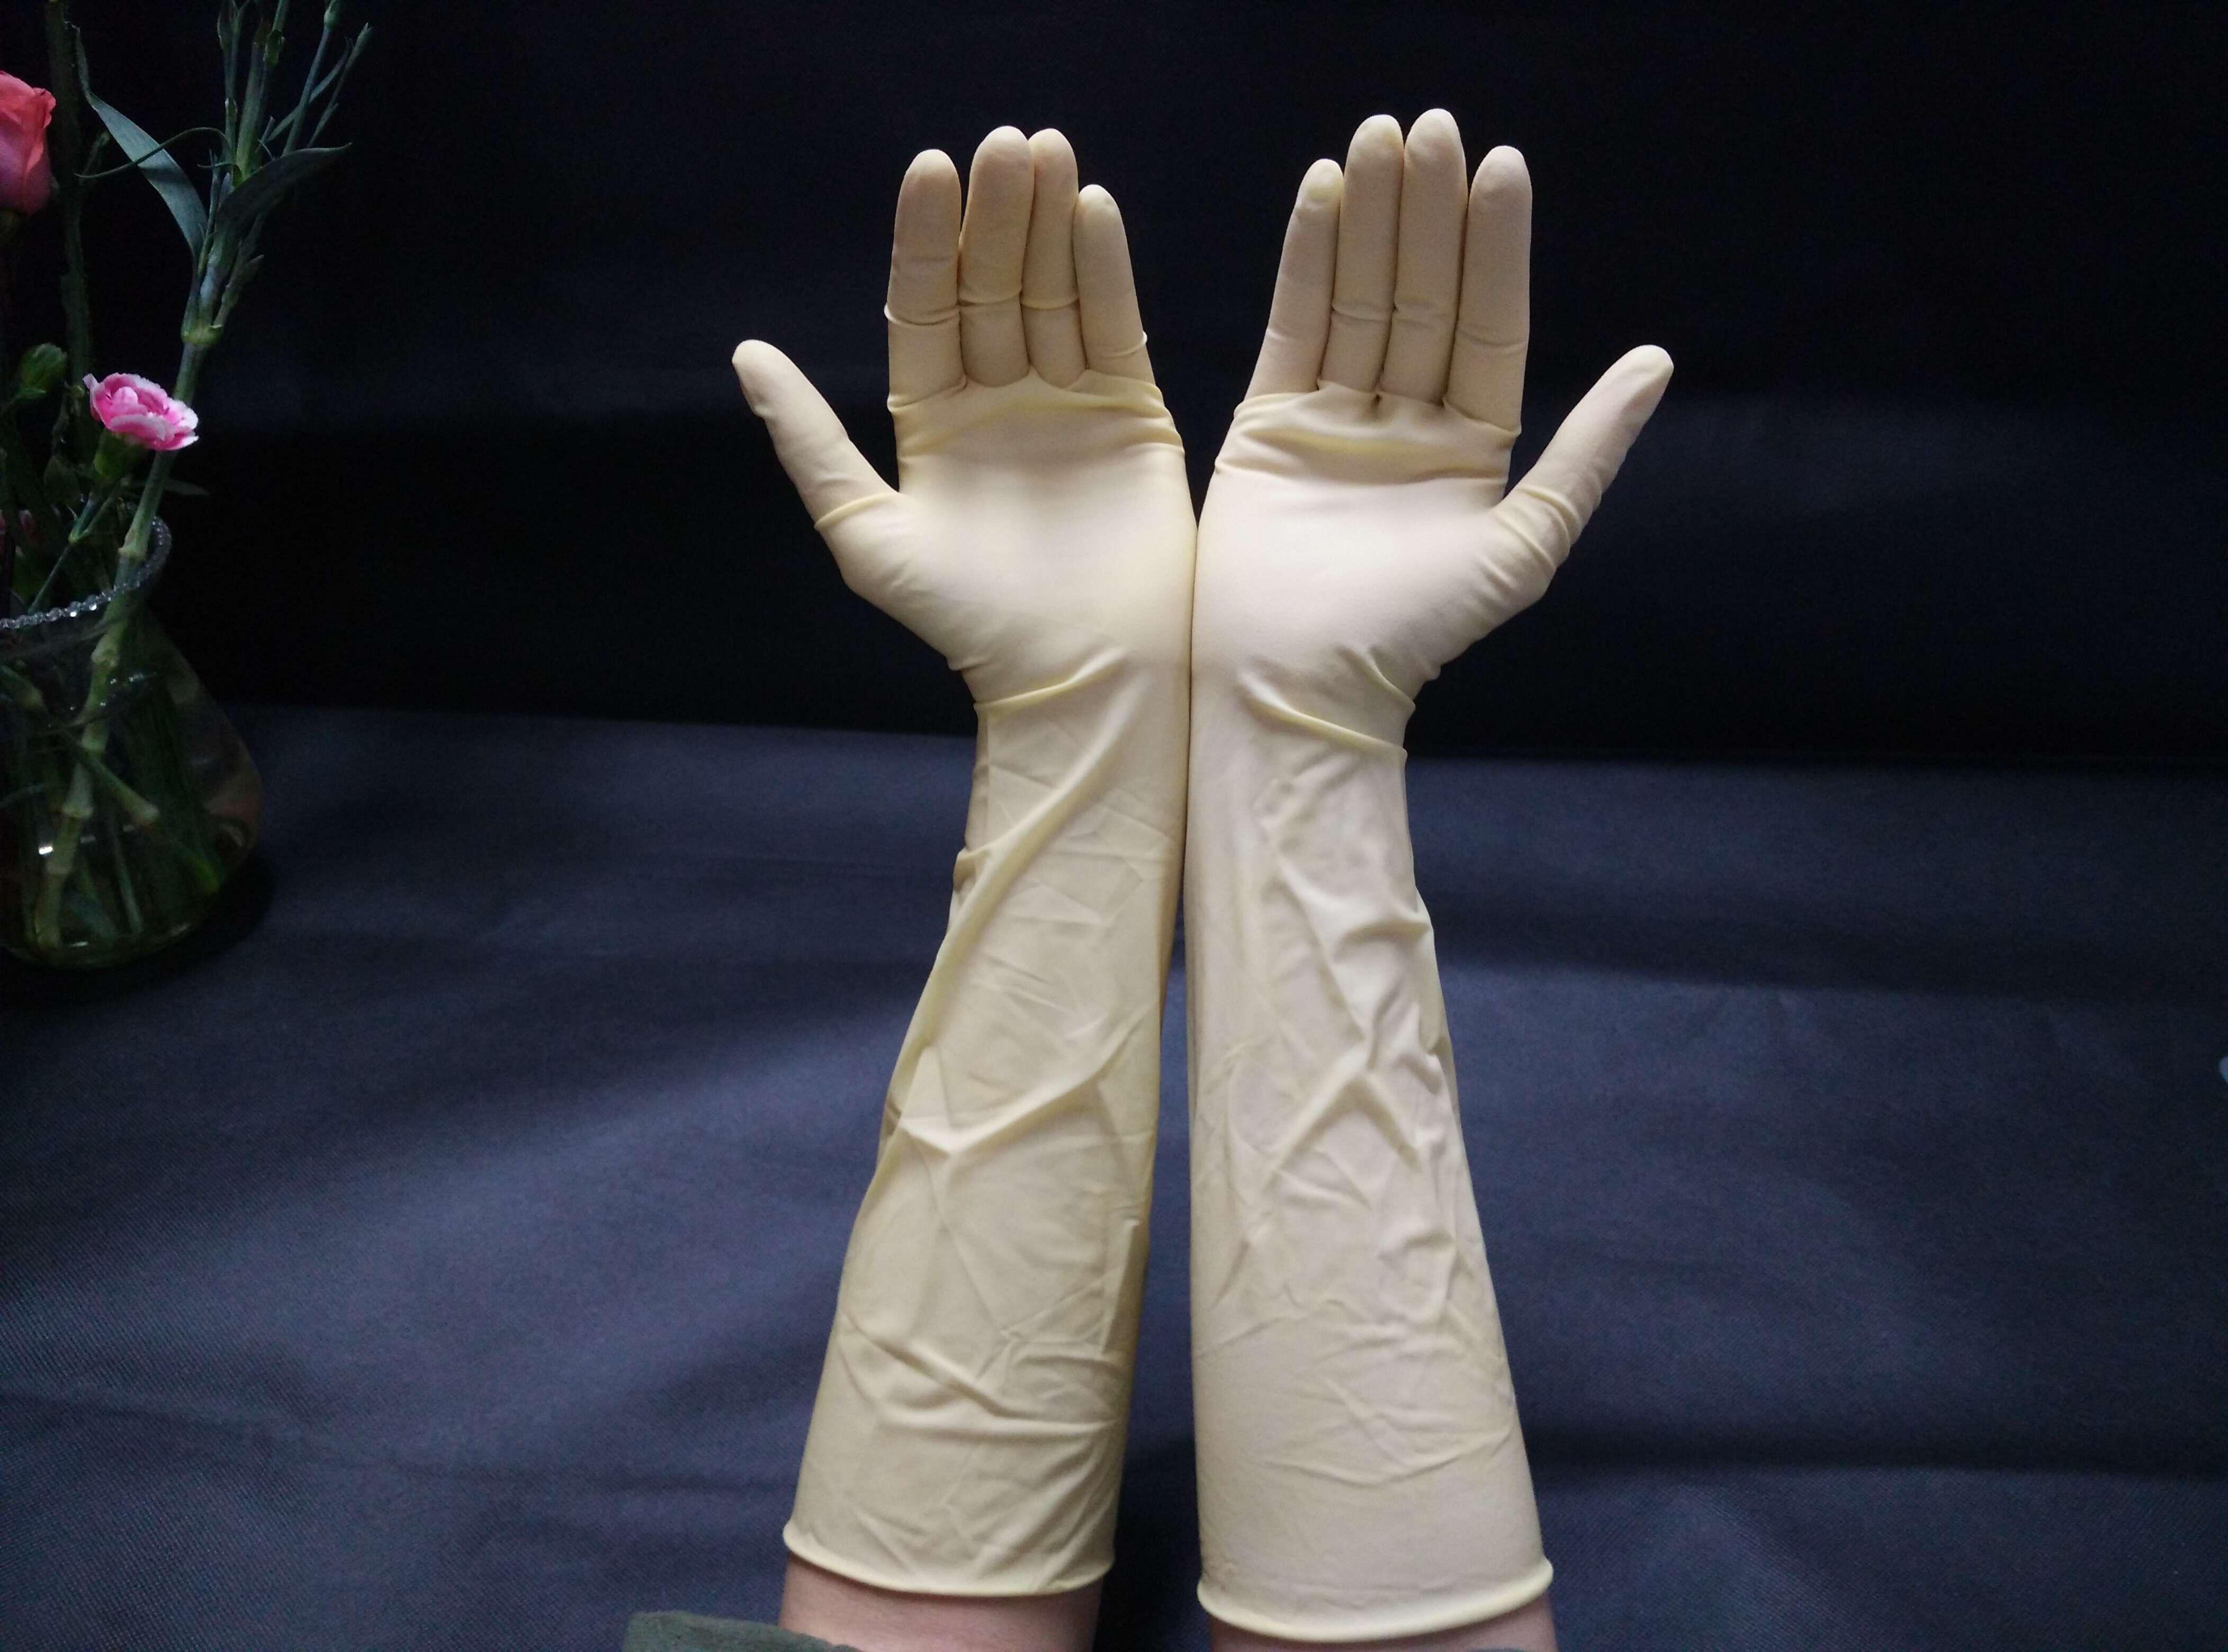 Găng tay cao su latex 9 inch, 12 inch, 16 inch